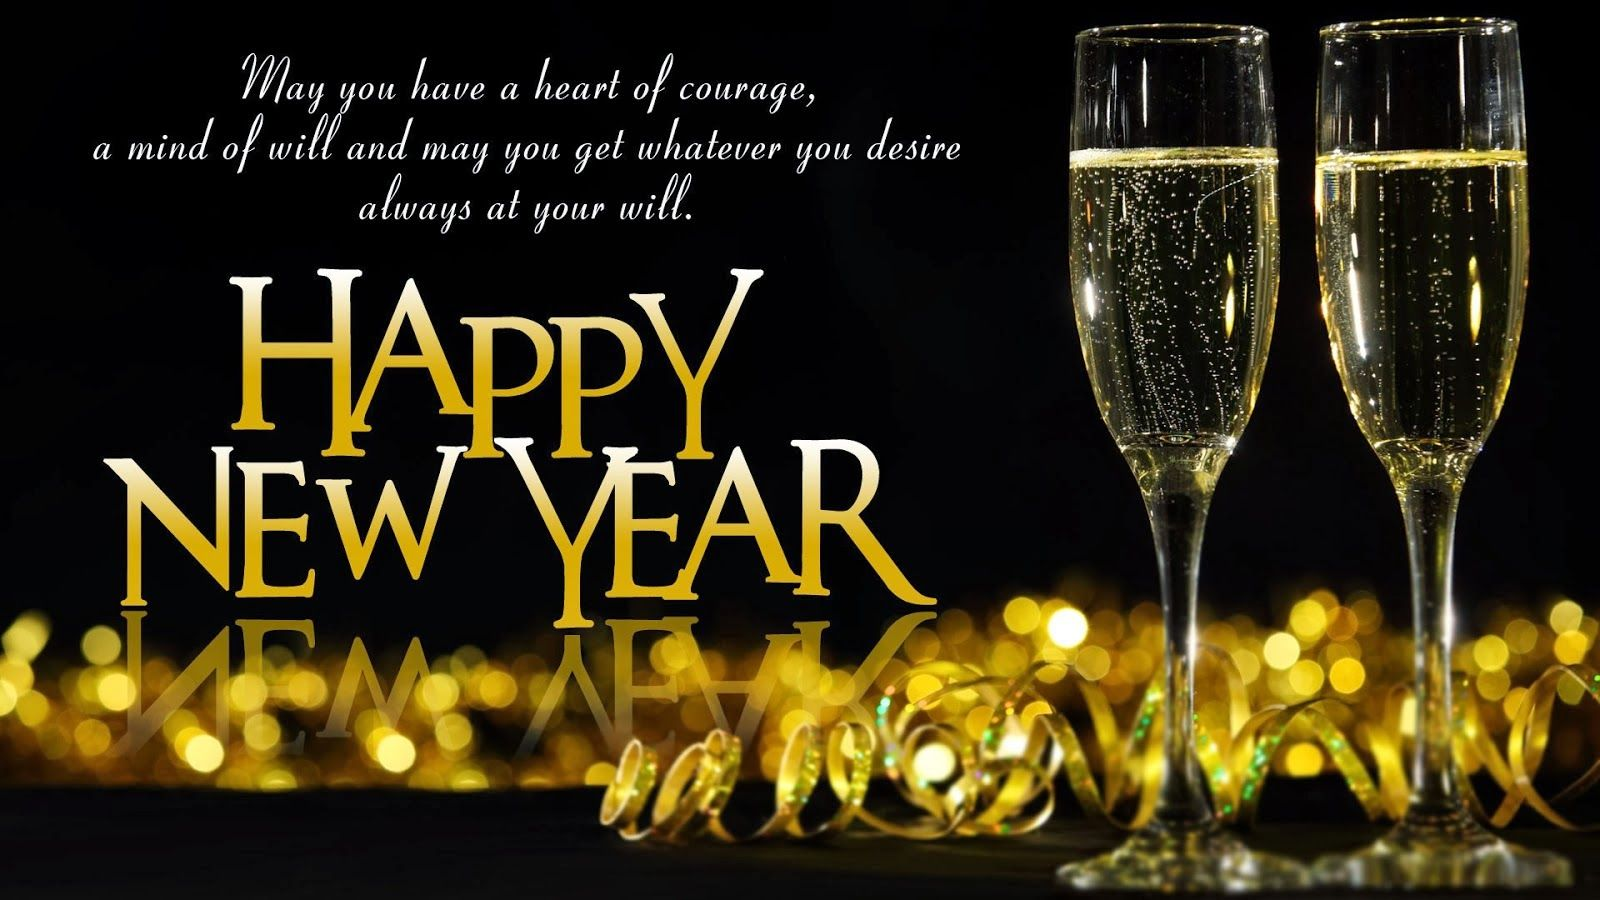 Happy New Year Quotes For 2014 Happy New Year 2014 Quotes In Tamil